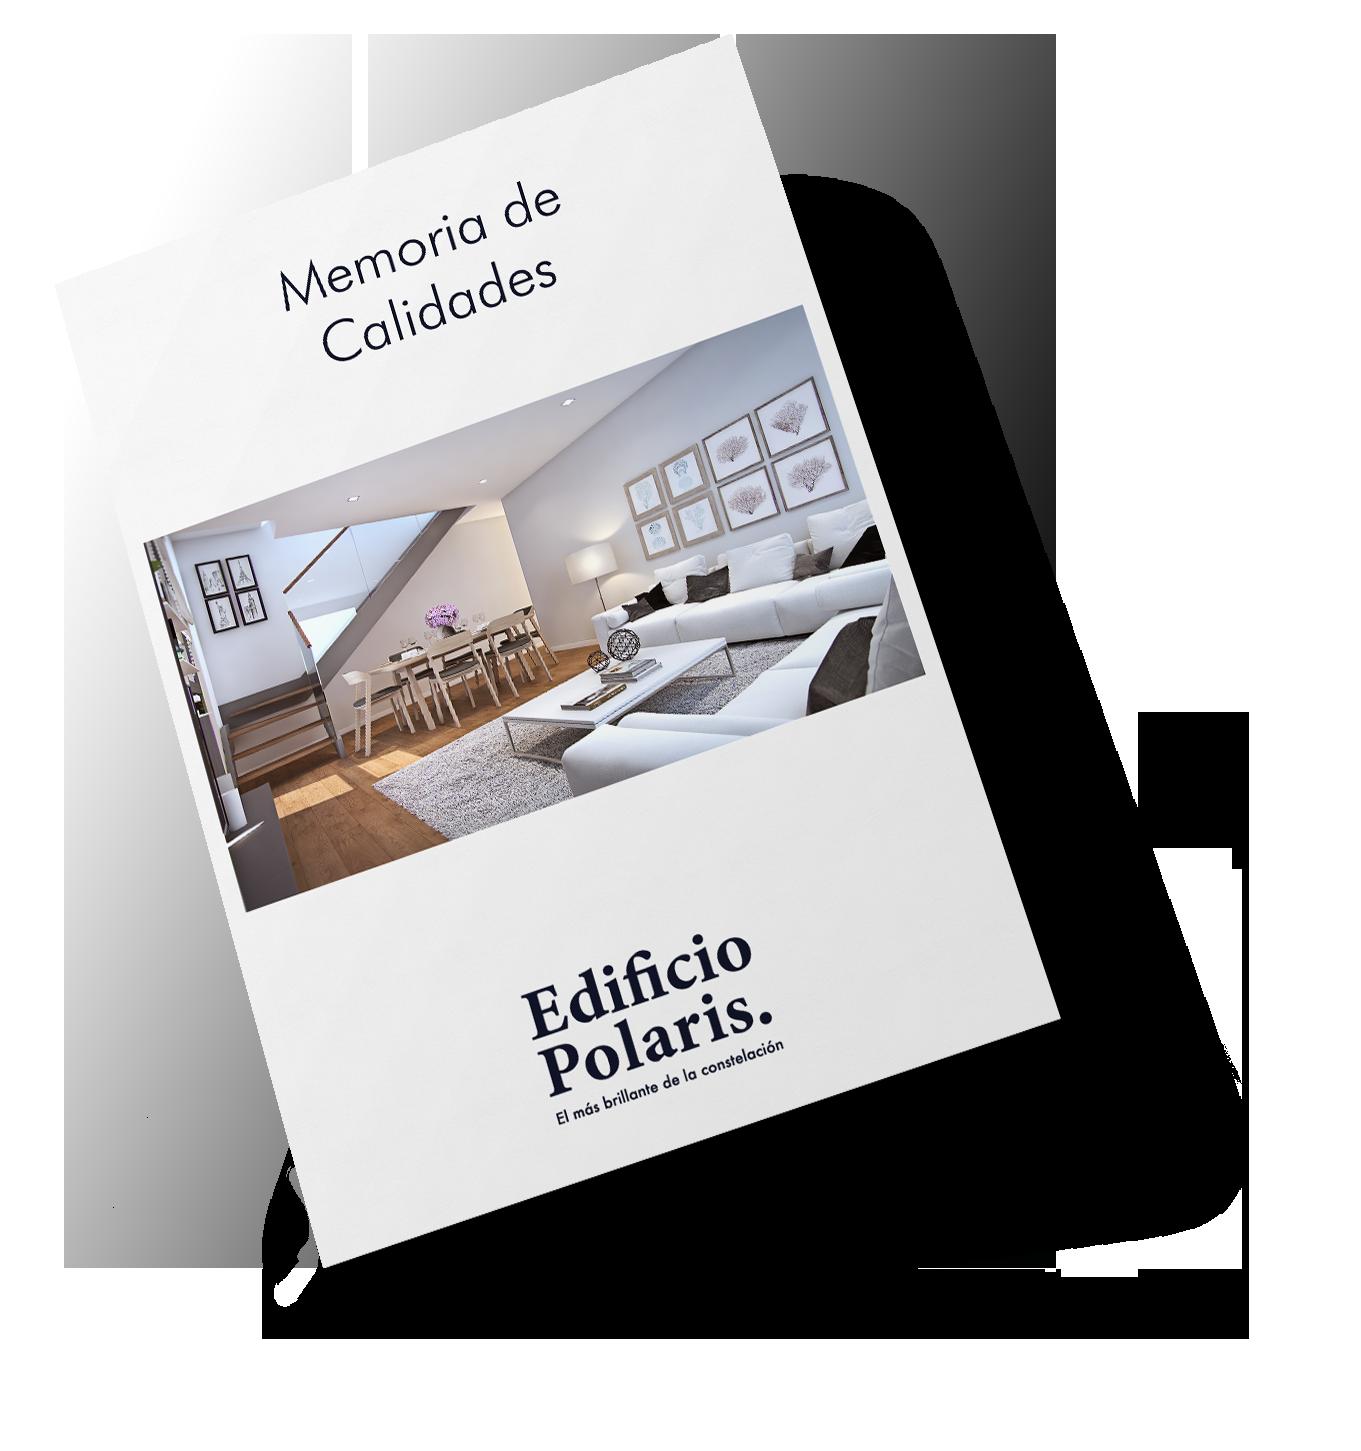 Memoria-Calidades-Edificio-Polaris